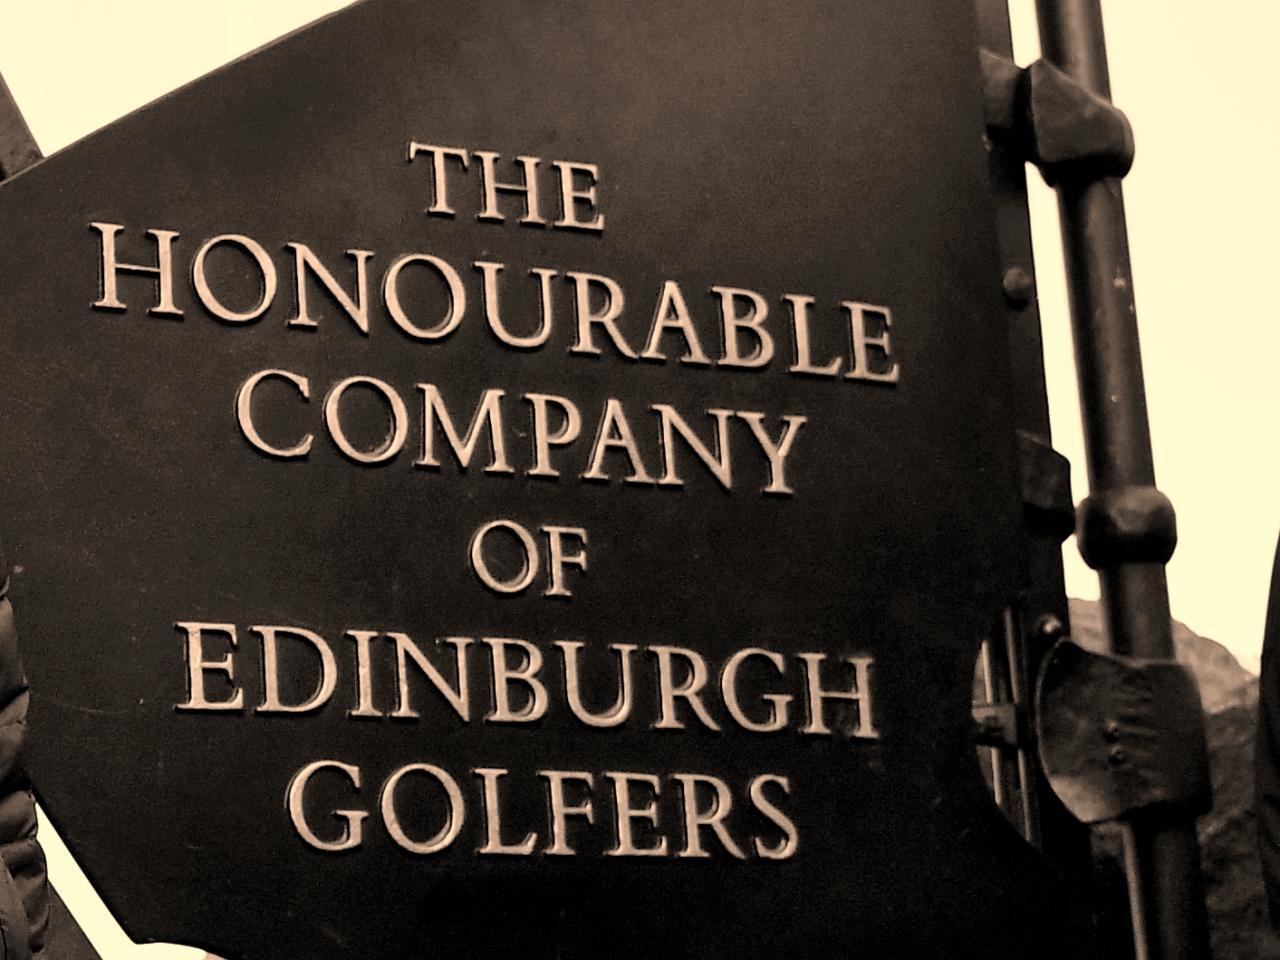 画像: 世界最古のゴルフクラブ。「伝統あるゴルフの名士たちの名誉ある会」の意